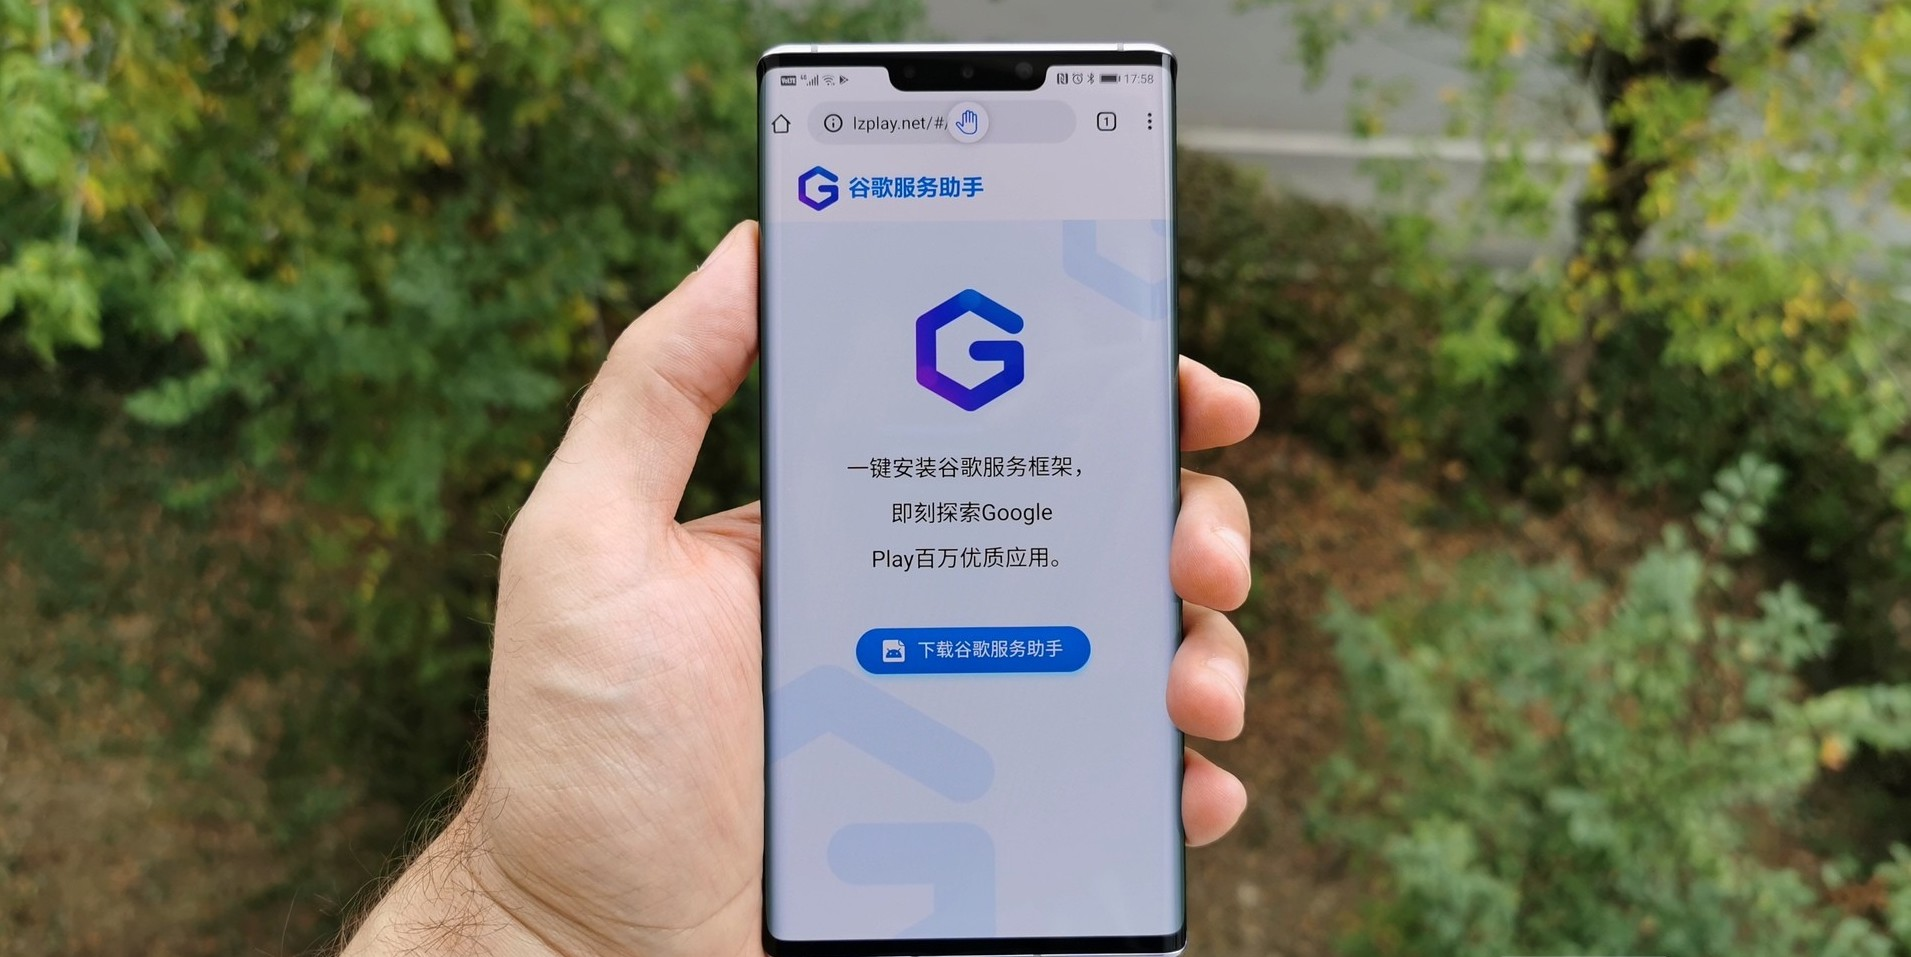 Руководство дочерней компании Huawei вчера анонсировало новый смартфон Honor Play 3 Бюджет стартует в Китае с ценой от 140 до 180 долларов в зависимости от